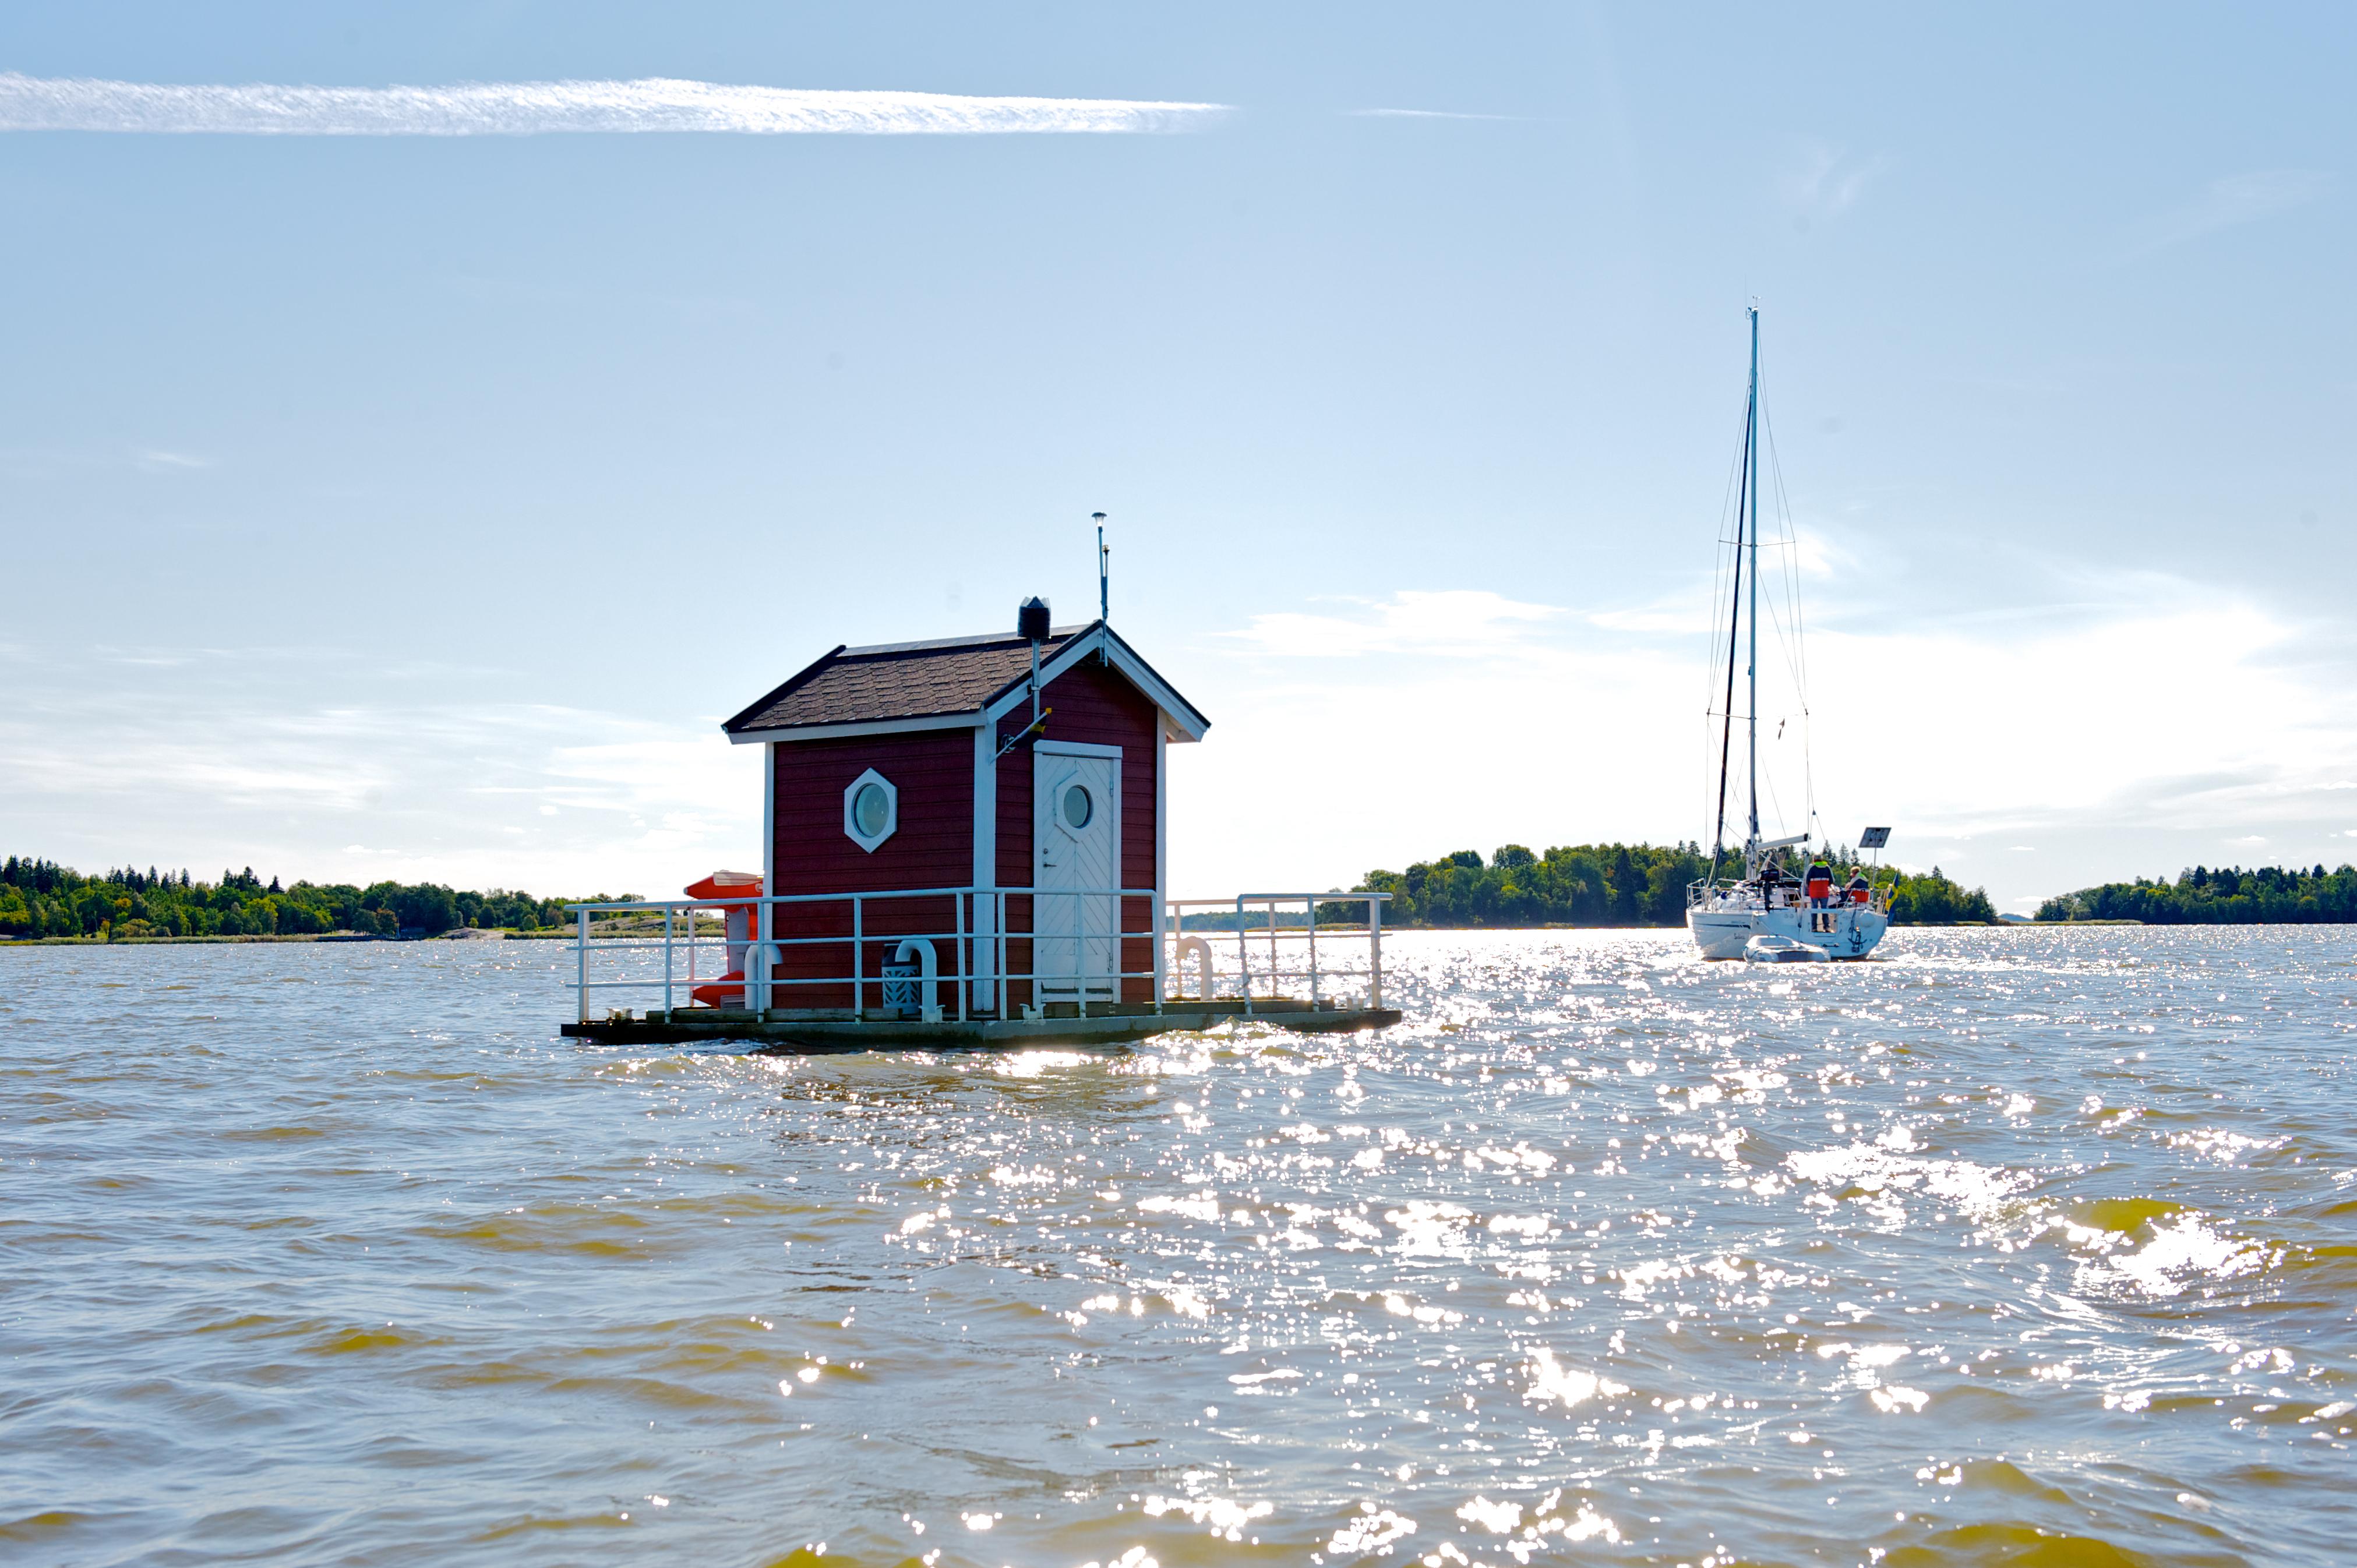 Utter Inn - Floating house on the lake